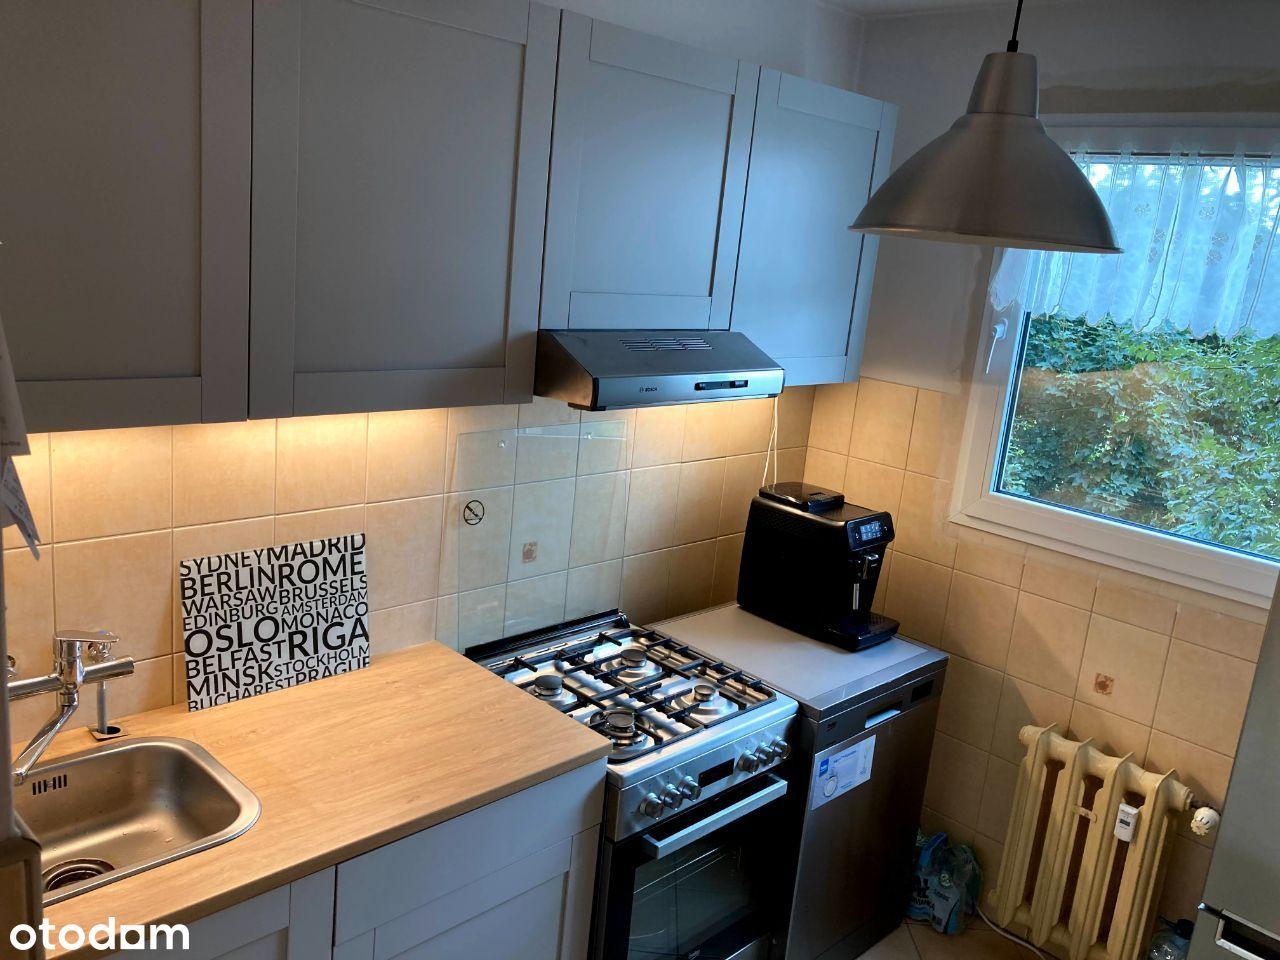 Mieszkanie-54m-2 pokoje duże-balkon-Maciejewicza